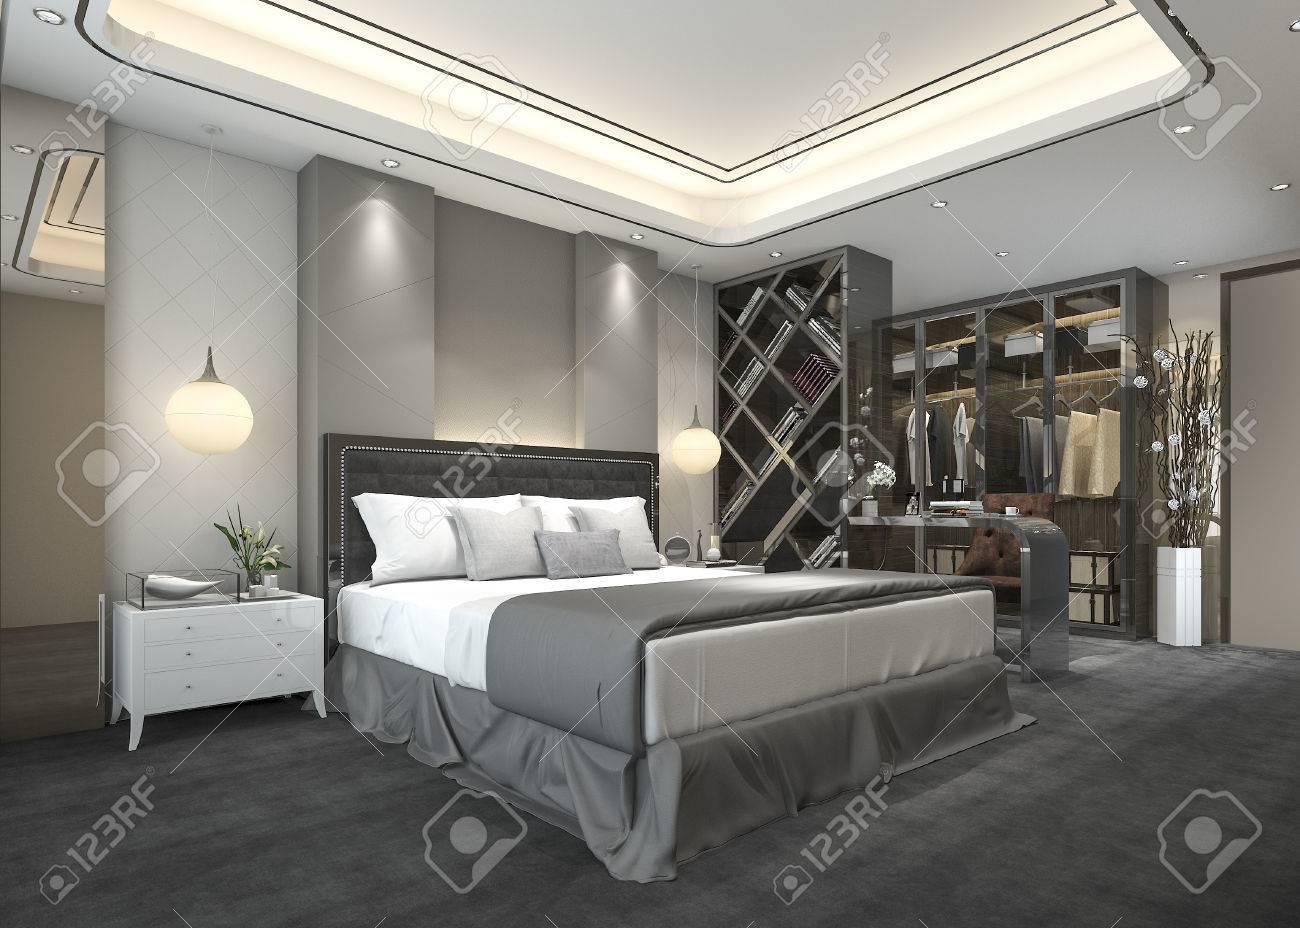 . 3d rendering luxury modern bedroom suite in hotel with wardrobe